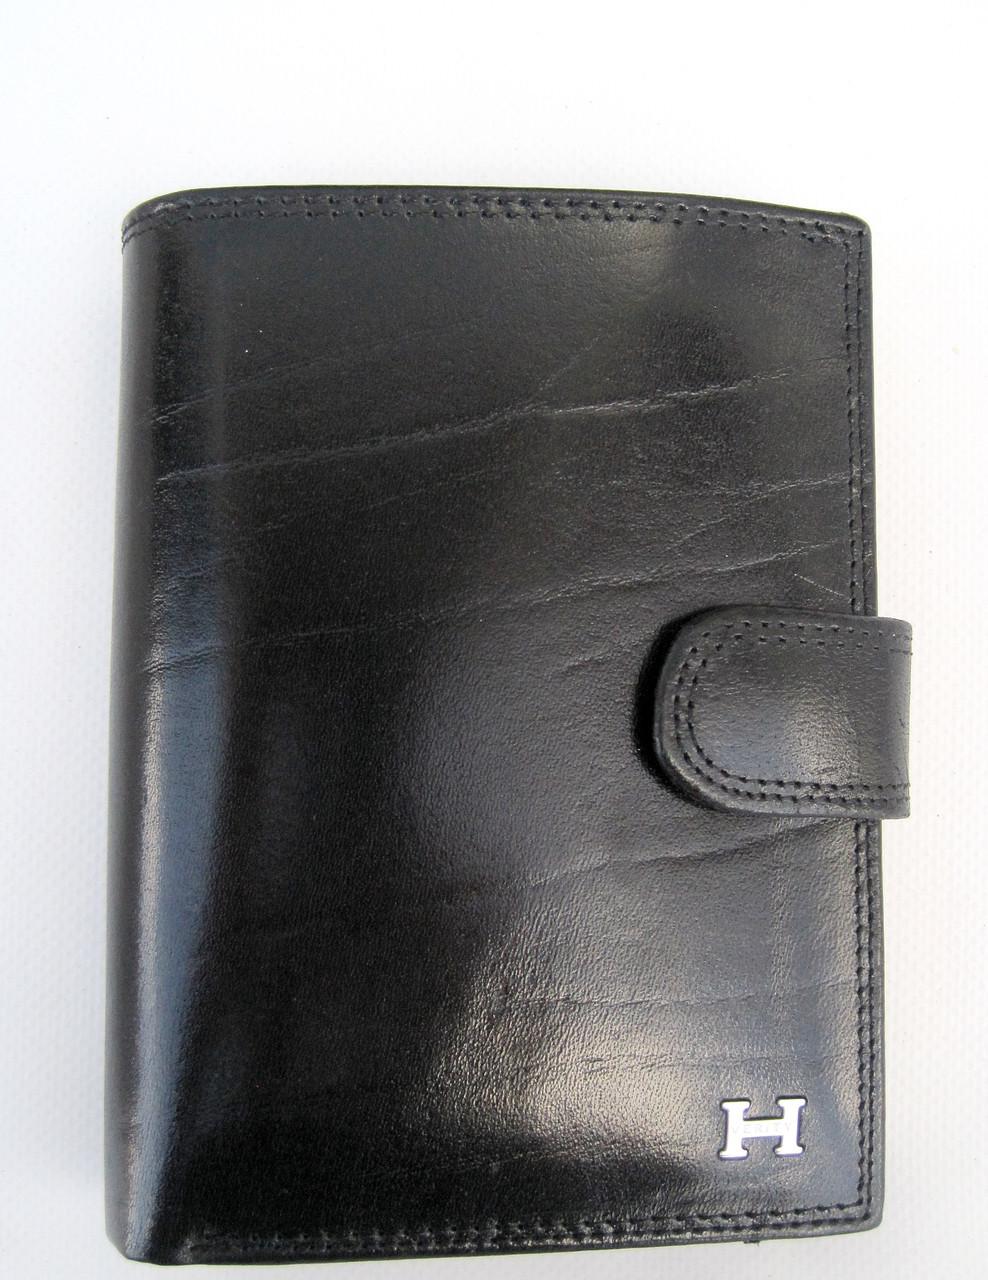 Чоловіче шкіряне портмоне VERITY VE-025-22 black шкіряне портмоне і шкіряні гаманці оптом